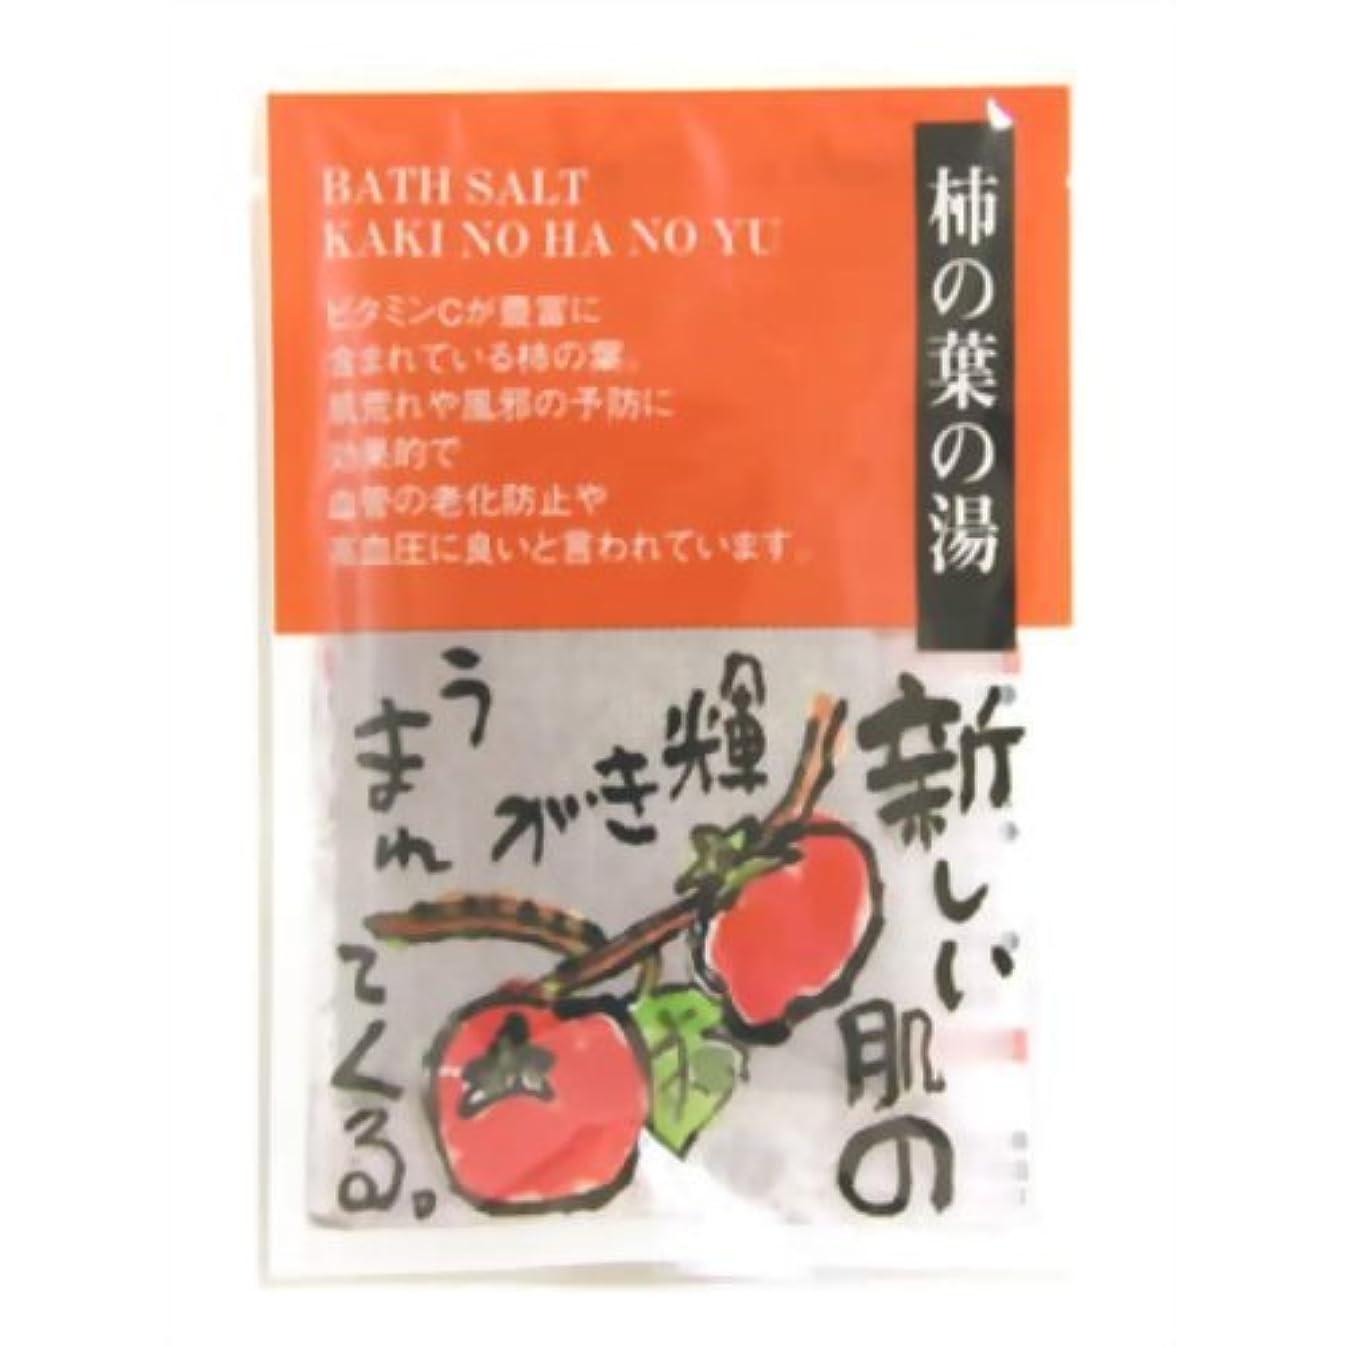 案件校長許容できる和漢の湯 やすらぎ便り 柿の葉の湯(ティーバッグタイプ)(入浴剤 ハーブ)